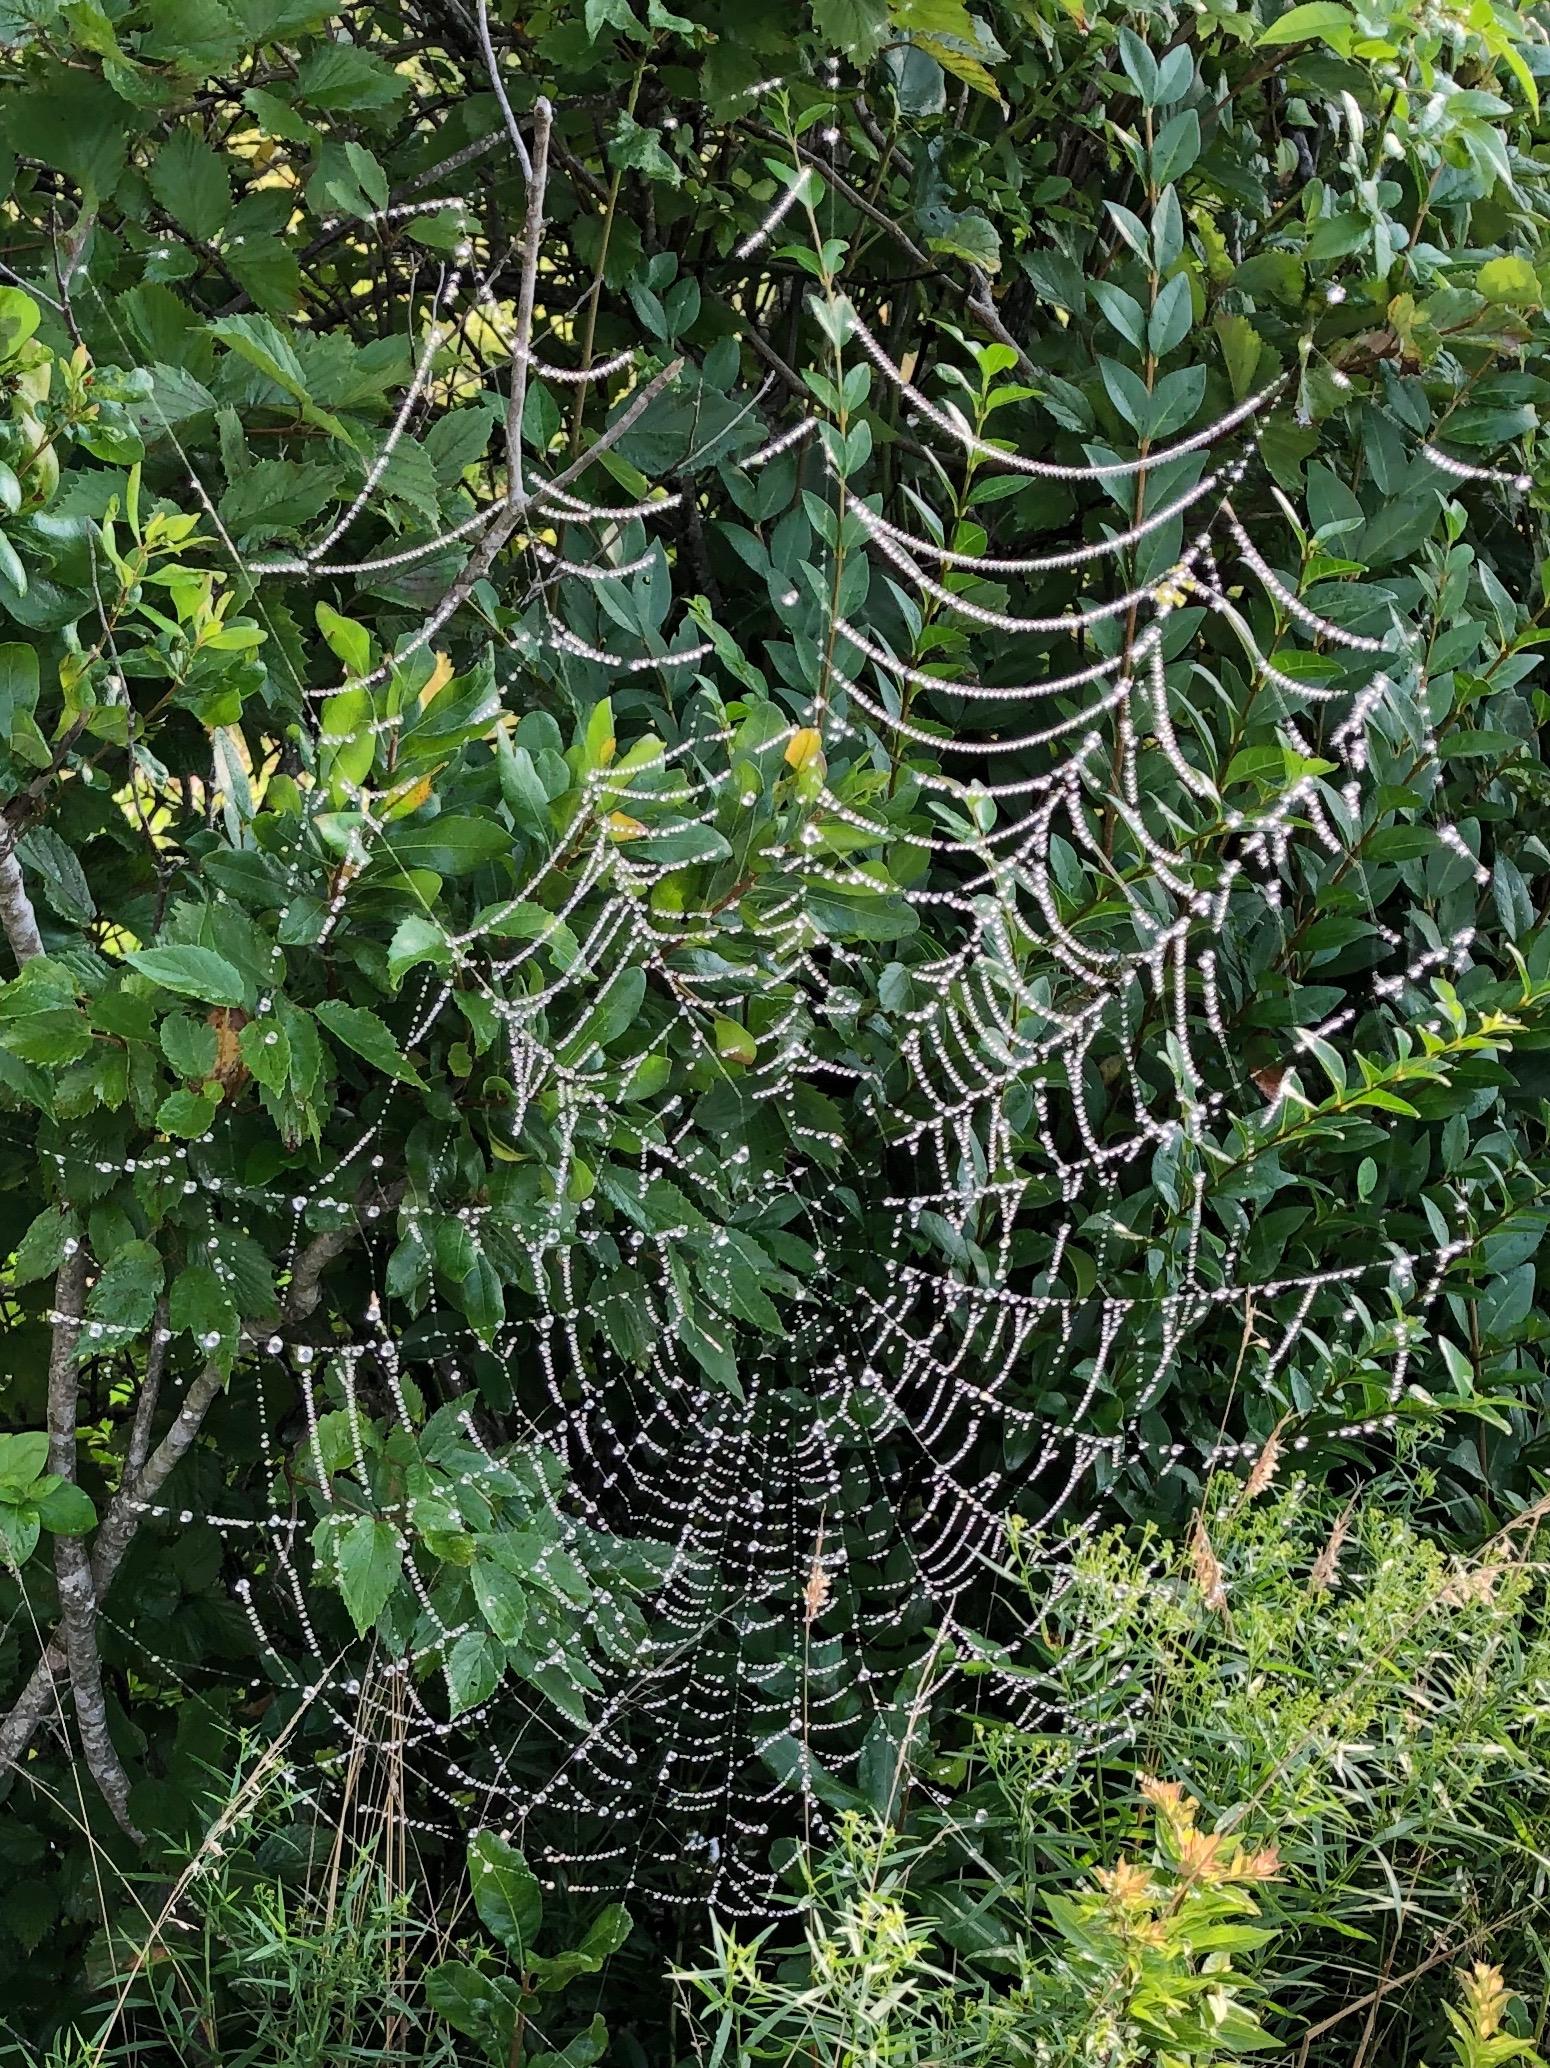 081919-spider-web-jewels